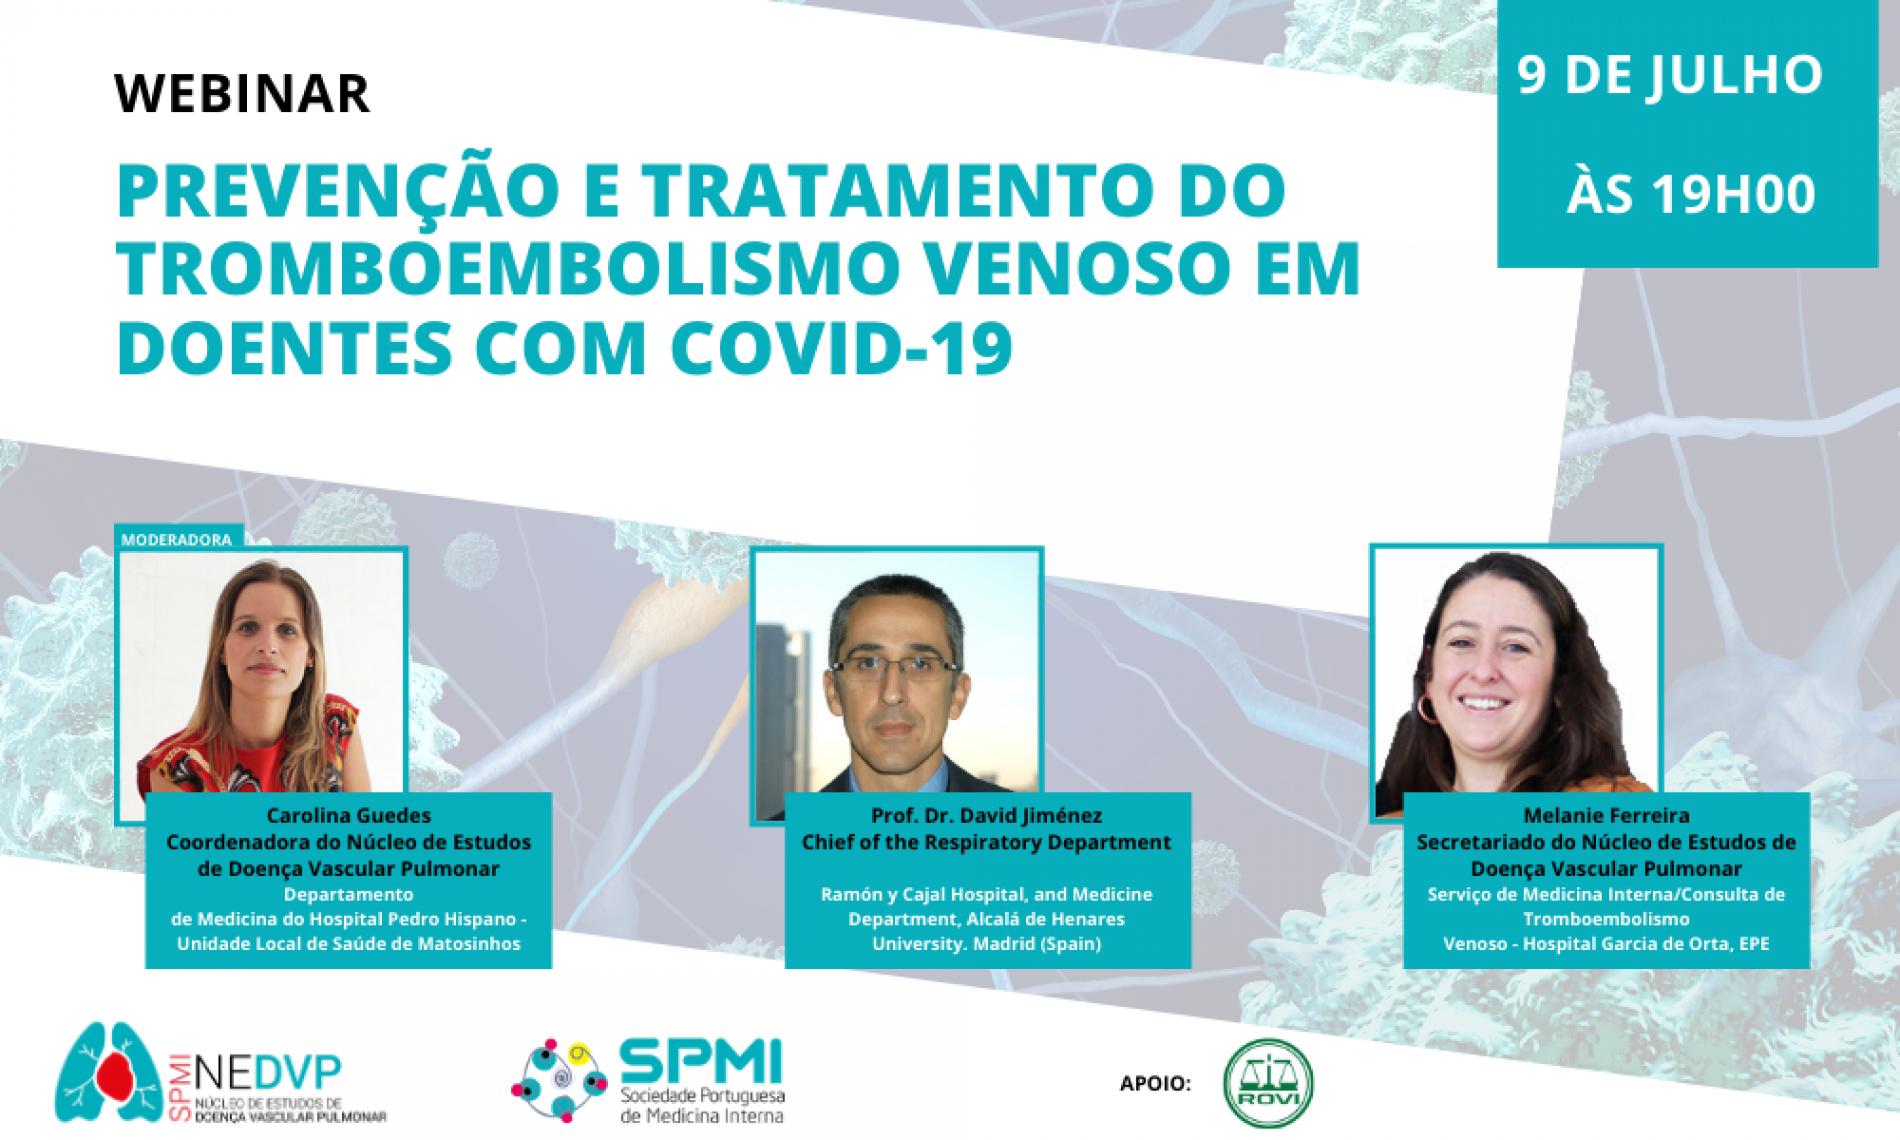 Webinar: Prevenção e Tratamento do Tromboembolismo Venoso em doentes com COVID-19